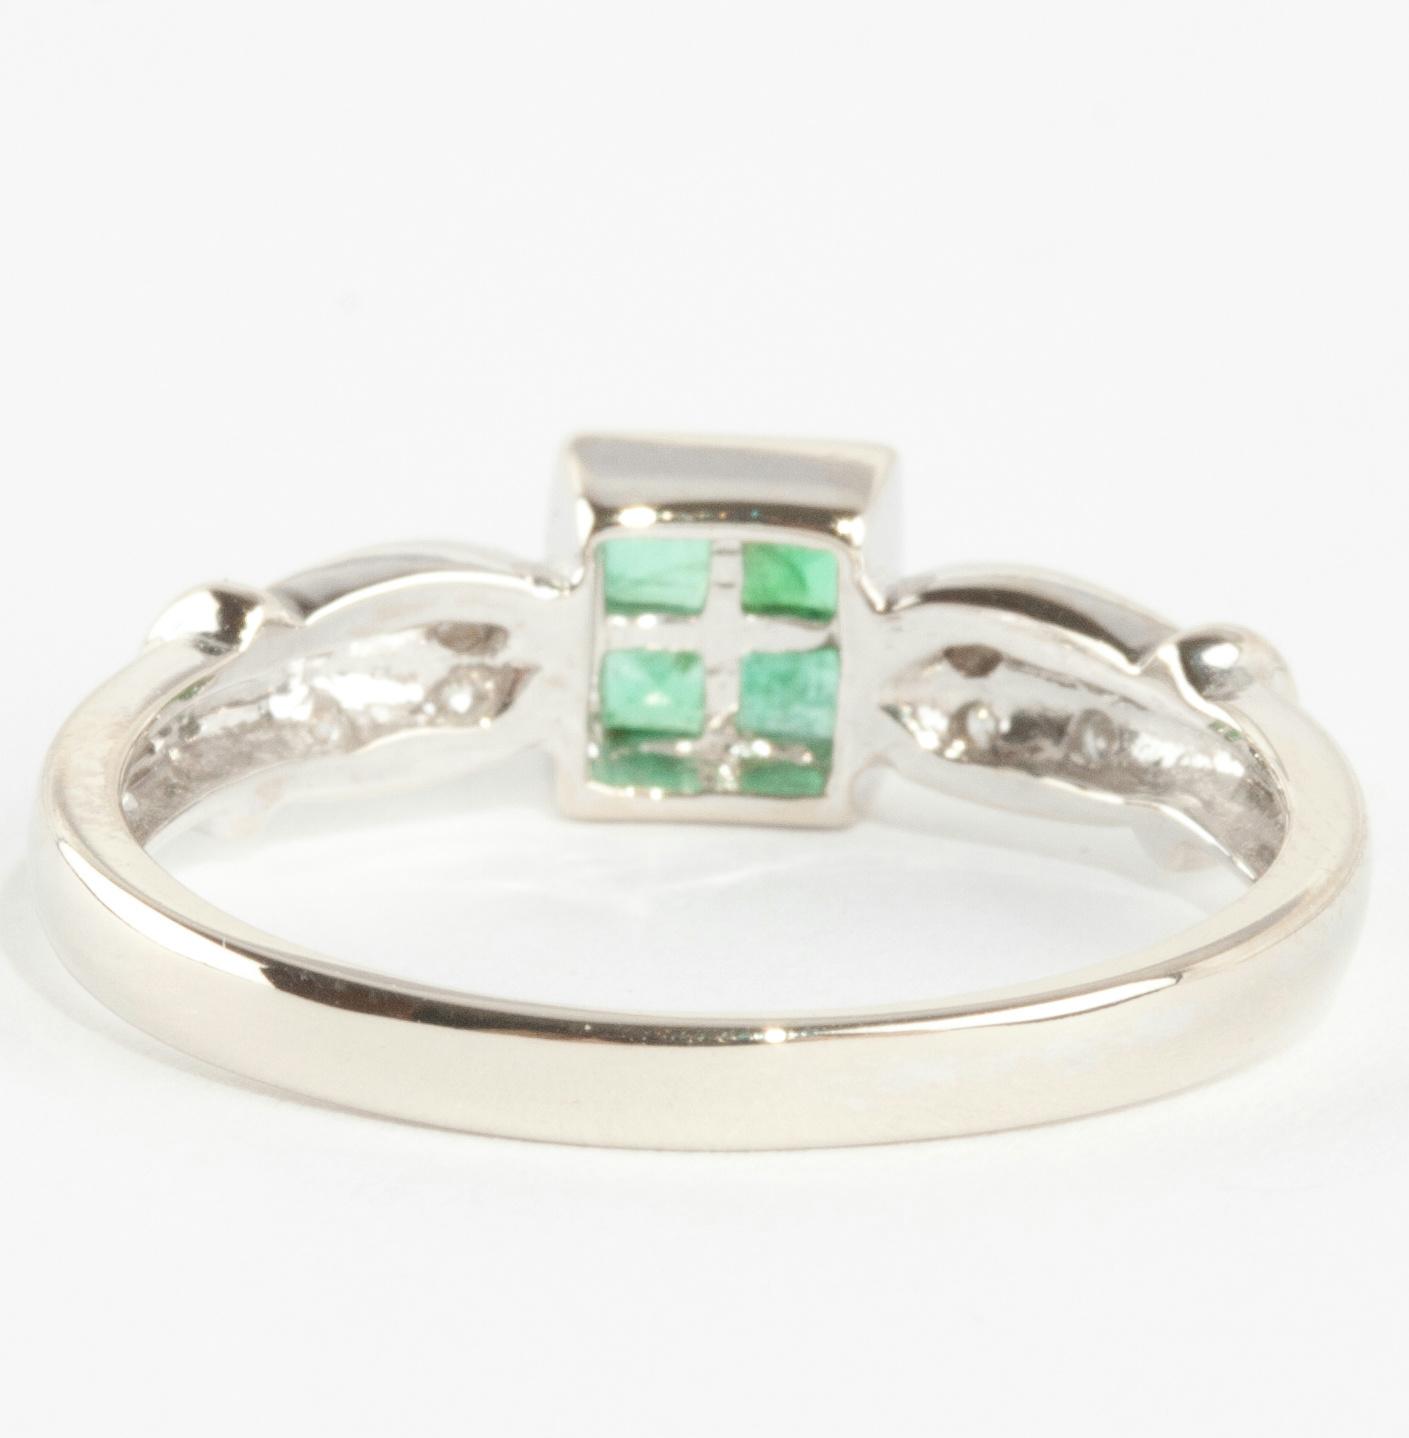 14k white gold square cut invisible set emerald